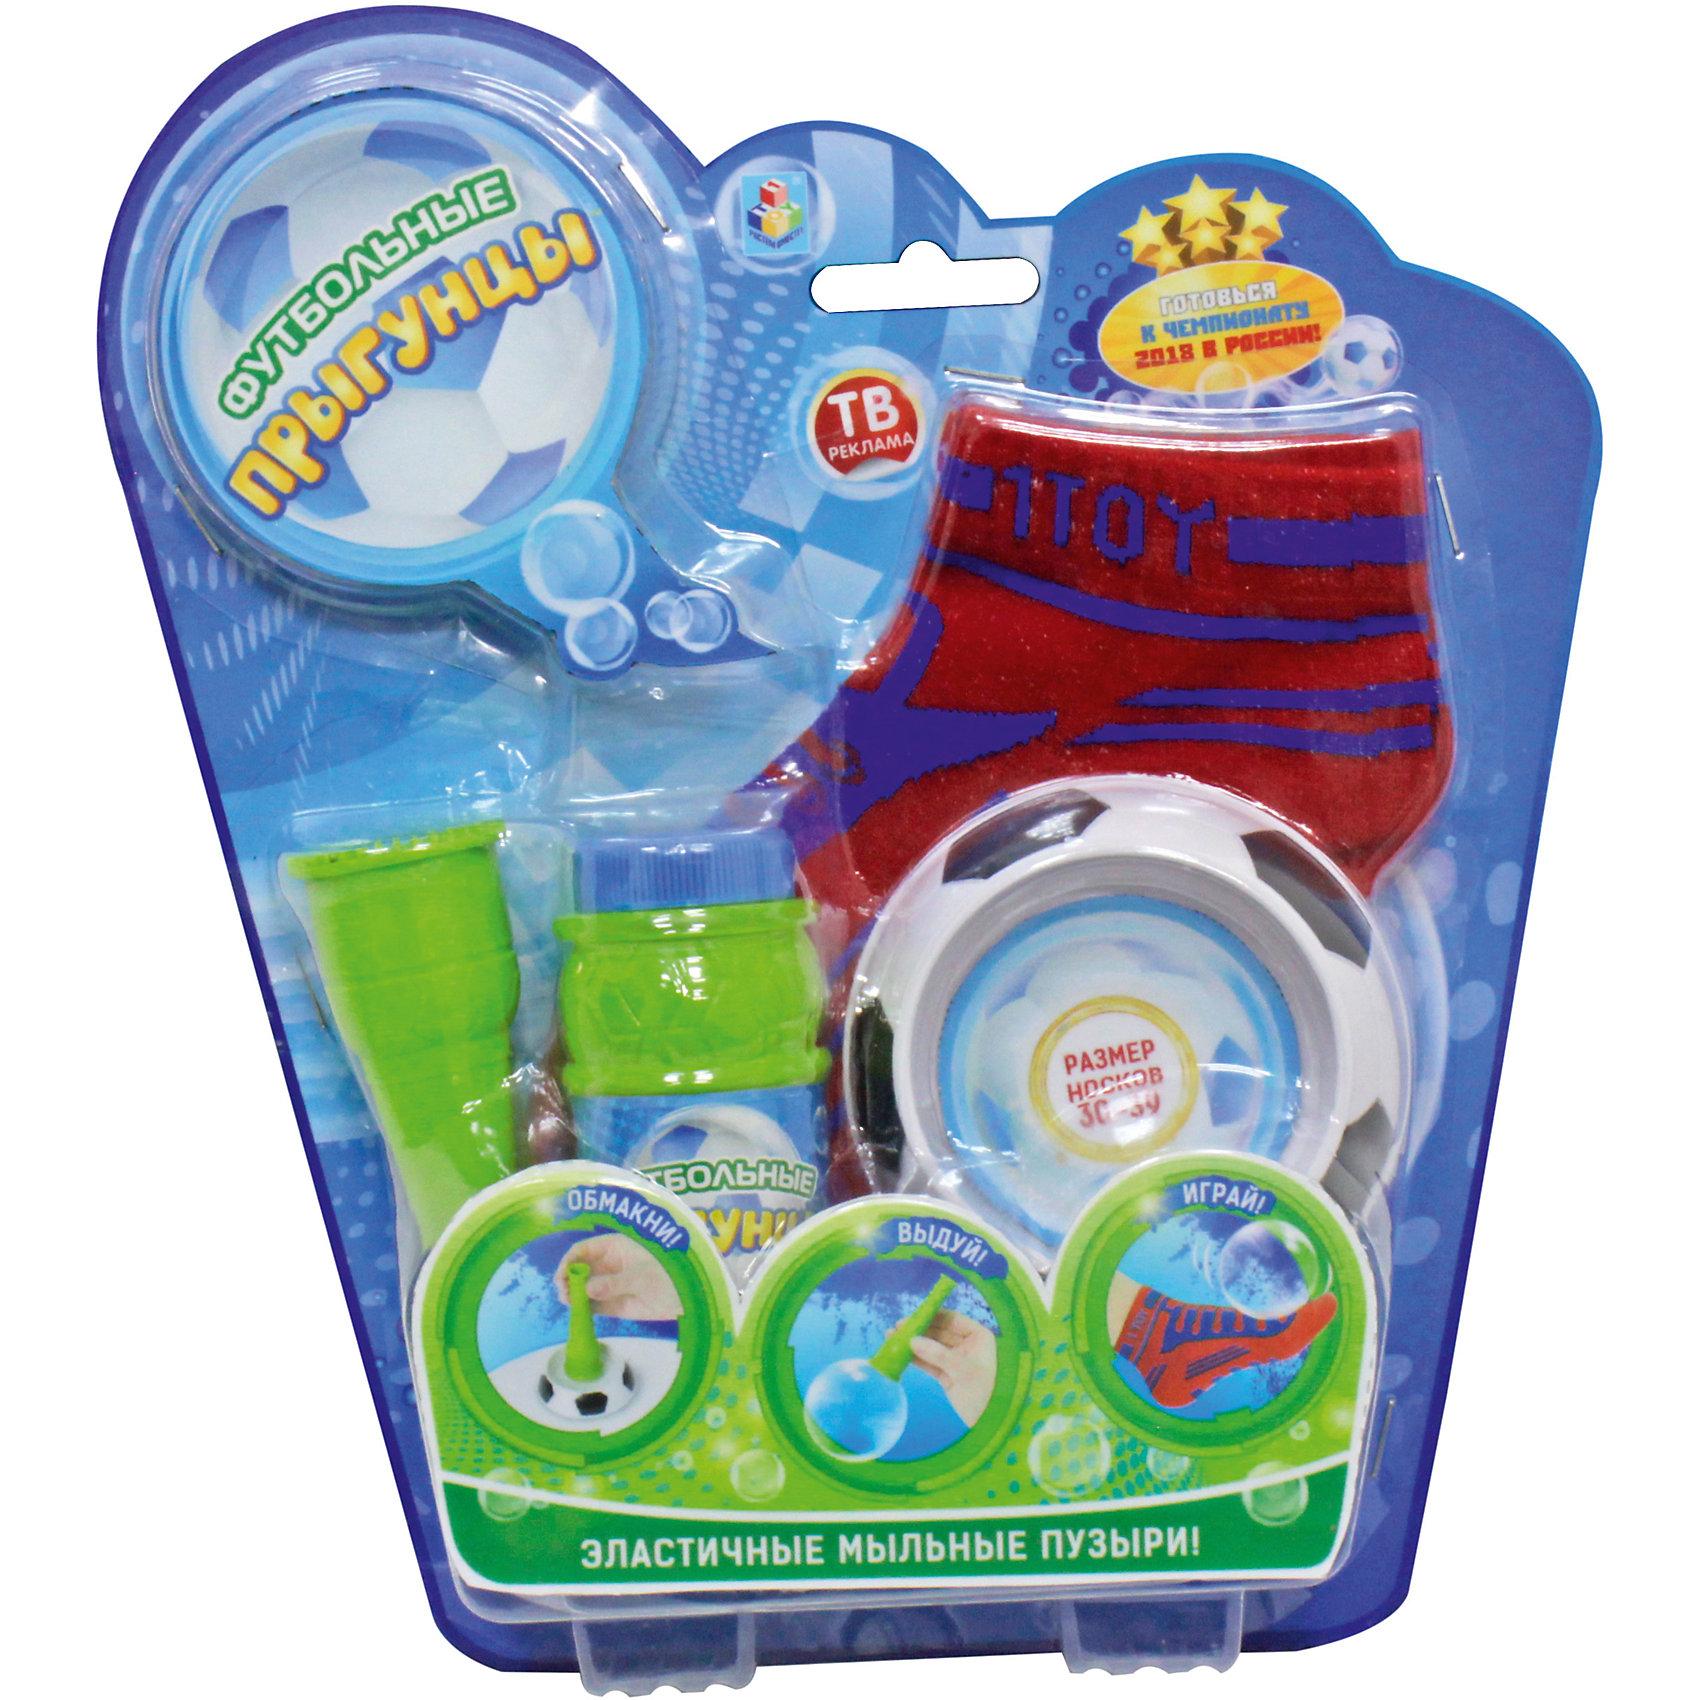 Эластичные мыльные пузыри Футбольные Прыгунцы + 2 носка р-р 30-39 и раствор, 1toyАктивные игры<br>Футбольные мыльные Прыгунцы - эластичные пузыри, с которыми весело играть и чеканить ногой как настоящим футбольным мячом! <br>Благодаря волшебной мыльной жидкости и носкам мыльные пузыри не лопаются от прикосновения. Играть Мыльными Прыгунцами можно как дома, так и на улице в безветренную погоду!<br><br>Ширина мм: 260<br>Глубина мм: 45<br>Высота мм: 240<br>Вес г: 225<br>Возраст от месяцев: 36<br>Возраст до месяцев: 144<br>Пол: Унисекс<br>Возраст: Детский<br>SKU: 5245322